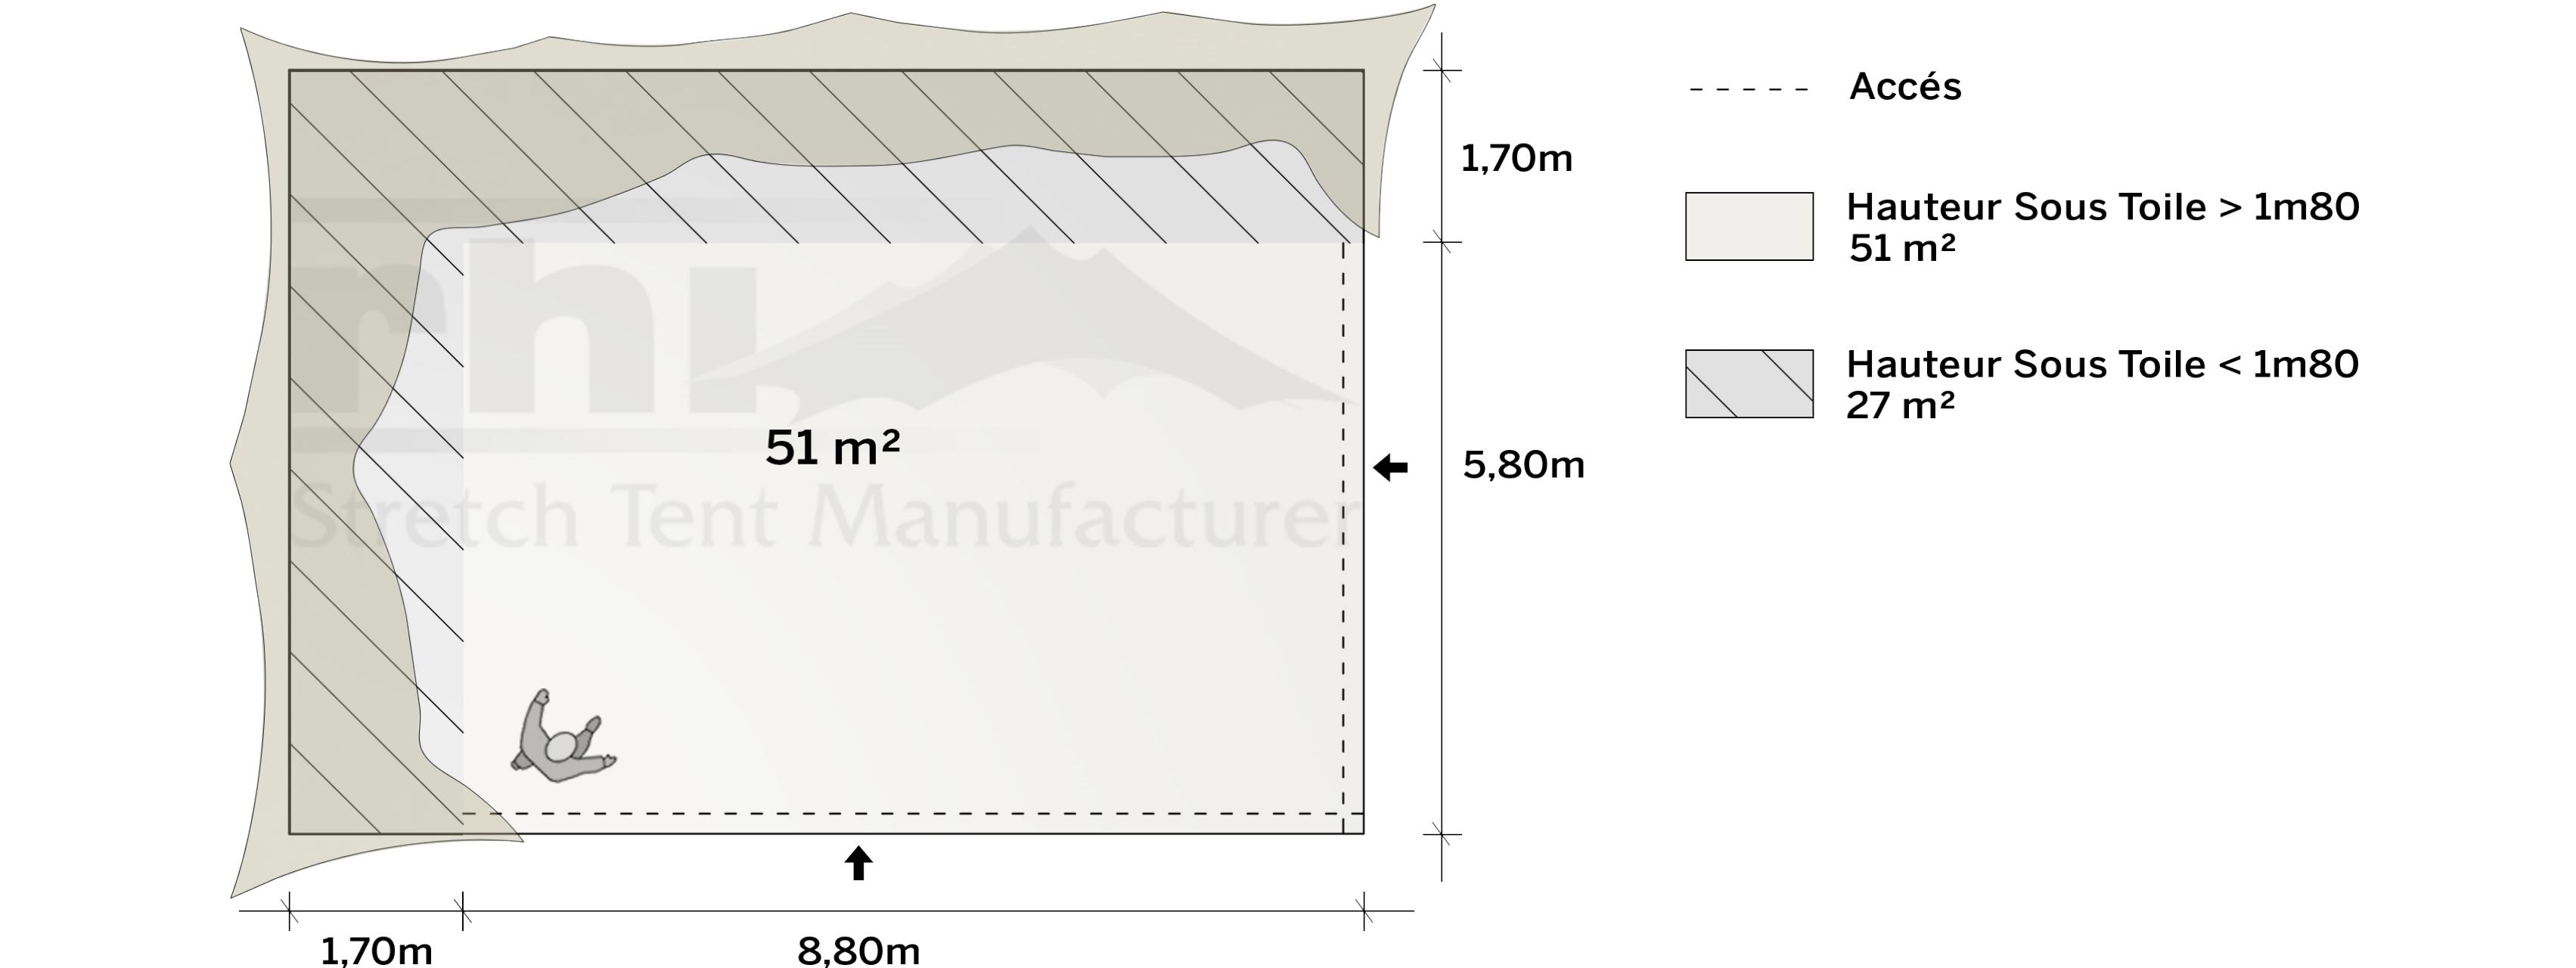 Surface-2-côtés-fermés